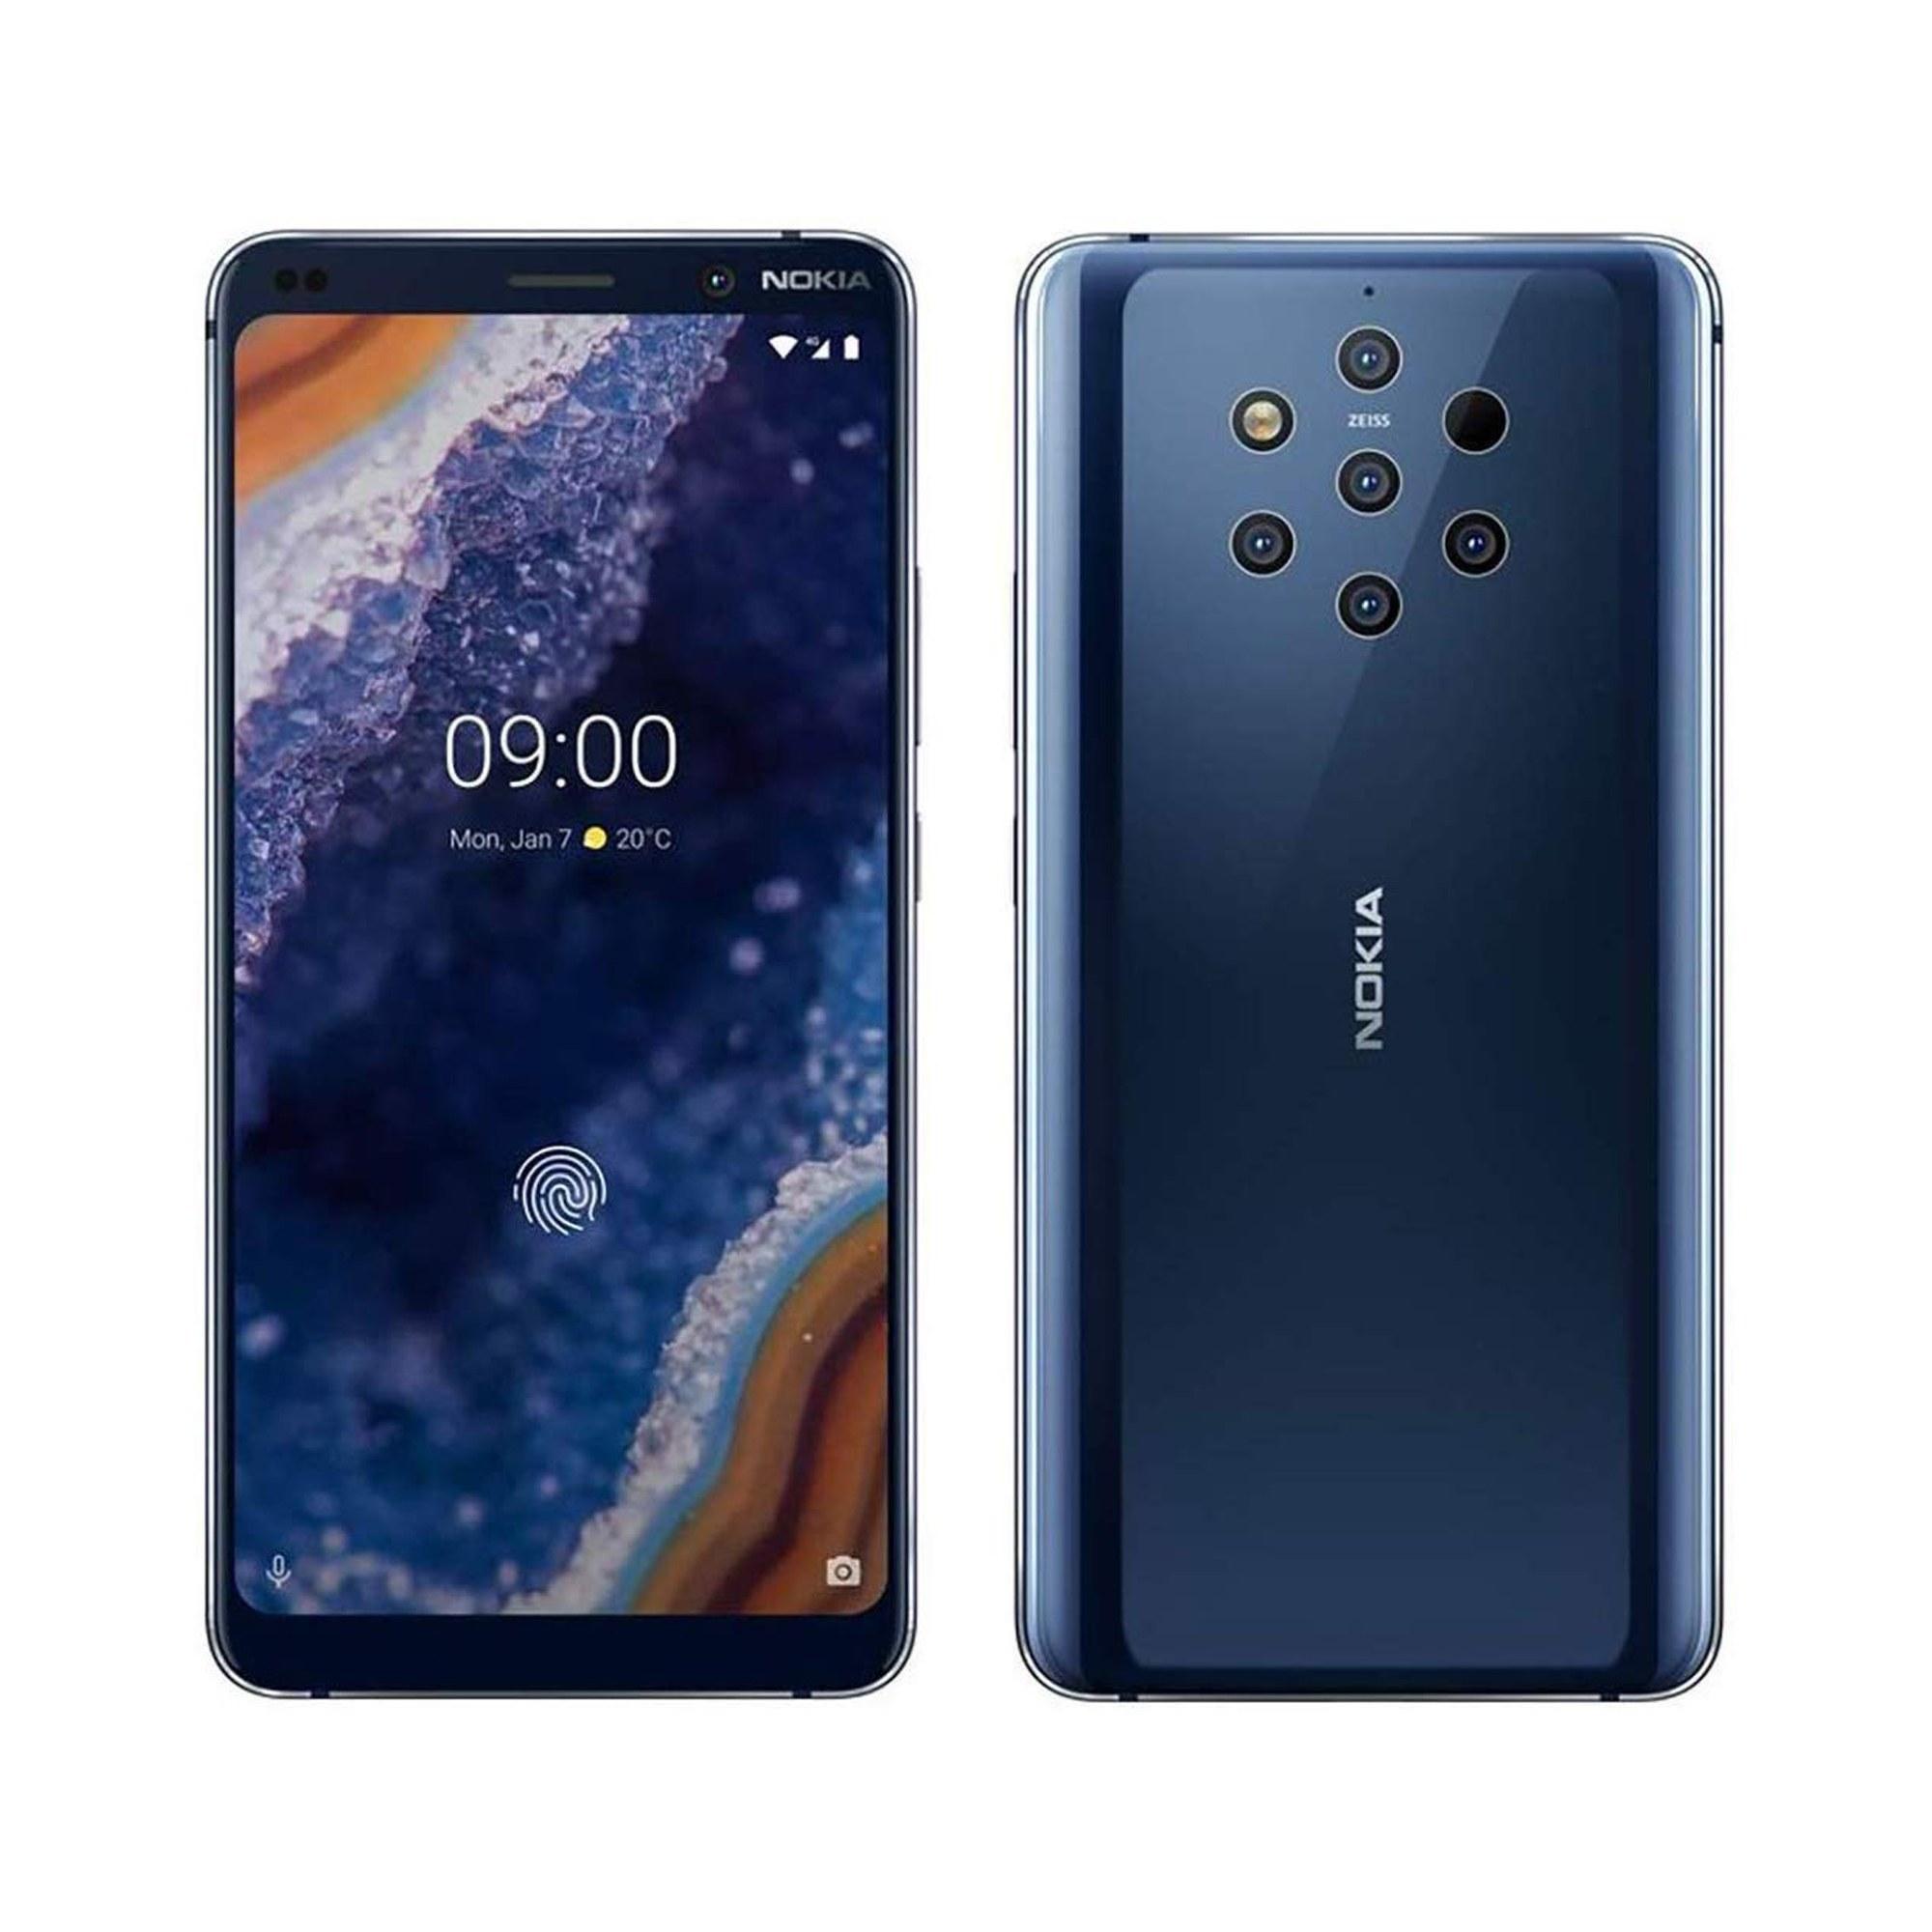 عکس گوشی نوکیا 9 PureView TA-1087   ظرفیت 128 گیگابایت Nokia 9 PureView TA 1087   128GB گوشی-نوکیا-9-pureview-ta-1087-ظرفیت-128-گیگابایت